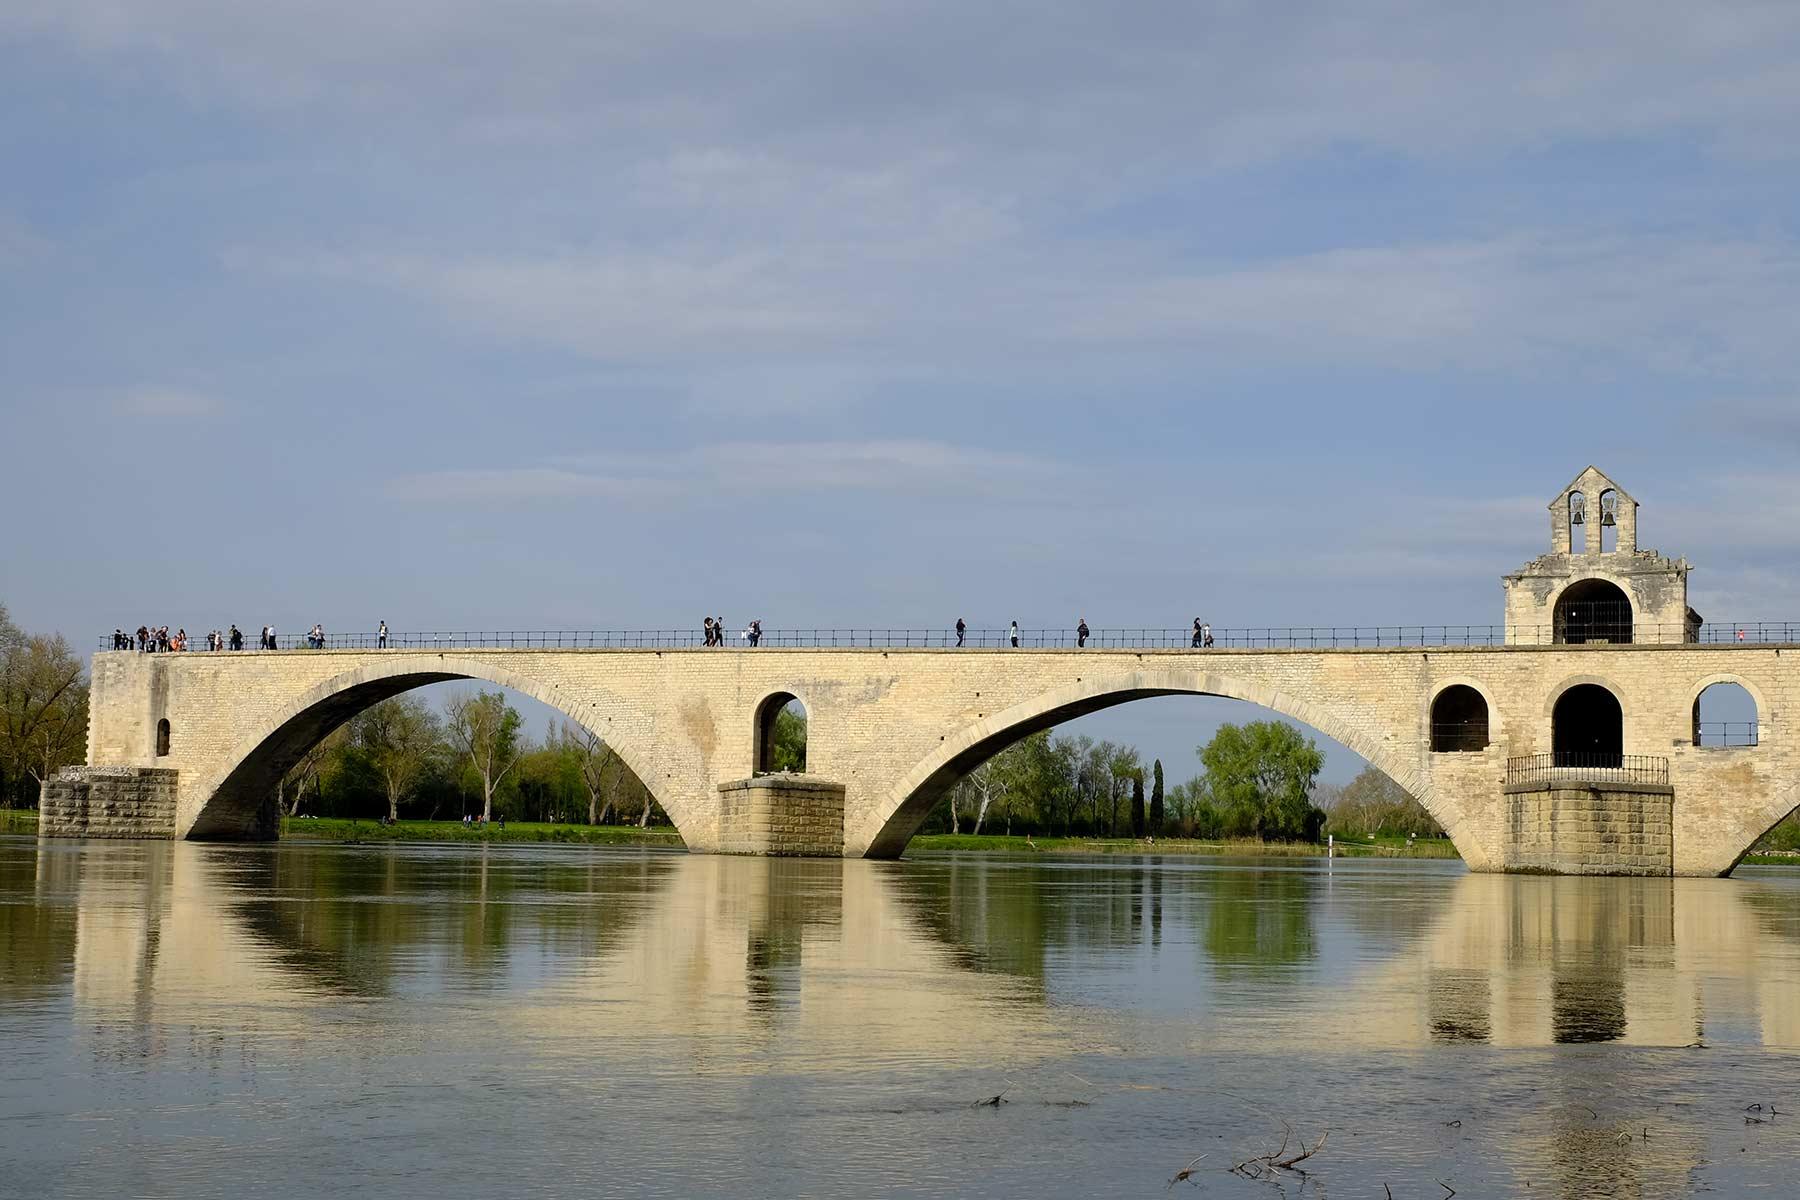 Pont Saint-Bénézet, auch bekannt als Pont d'Avignon in Avignon, Frankreich